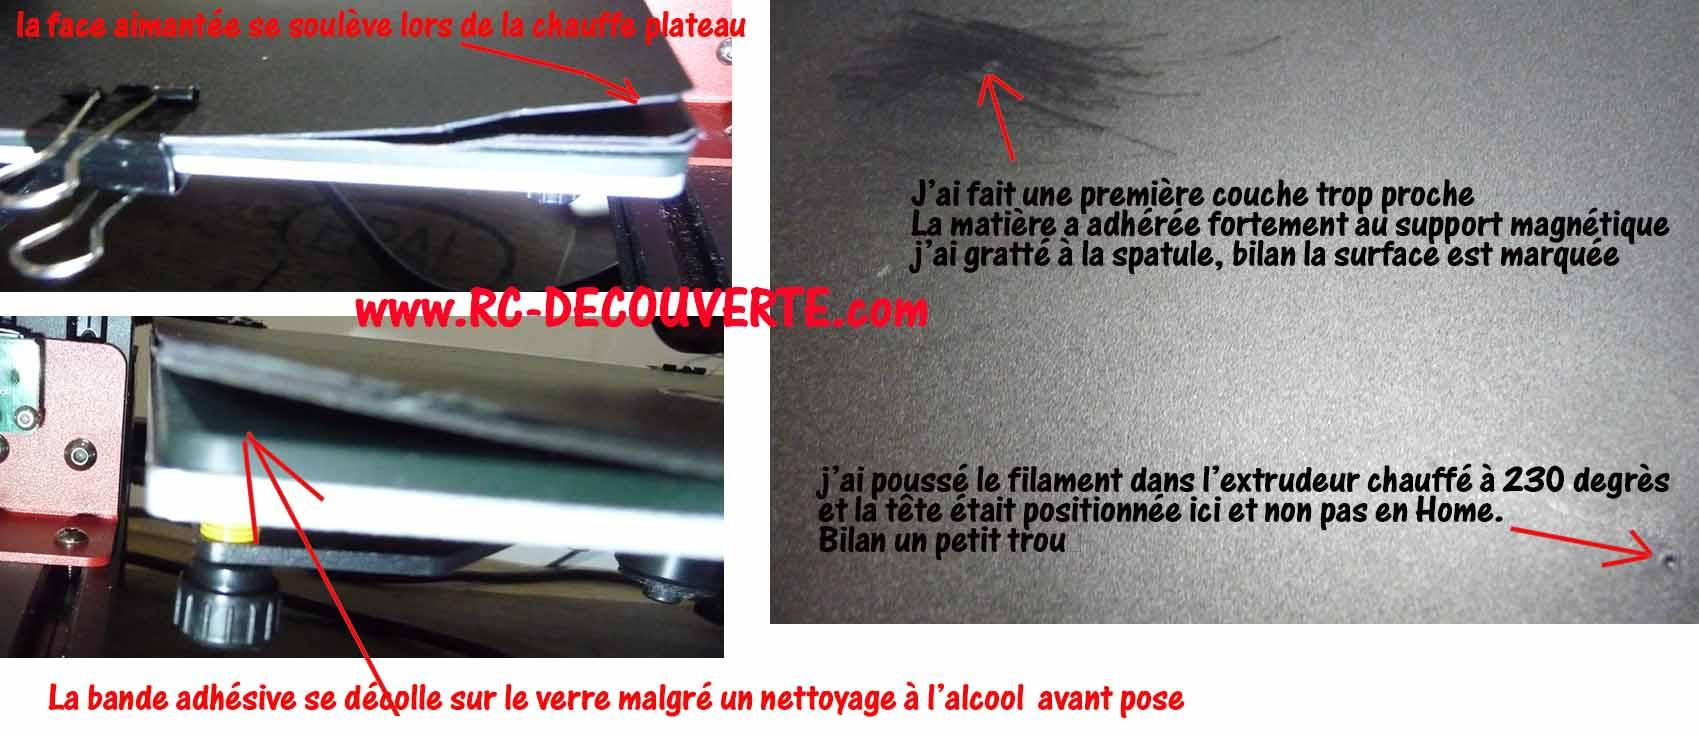 Alfawise U20 One : la nouvelle imprimante 3D de Louloux ! - Page 3 Imprim18